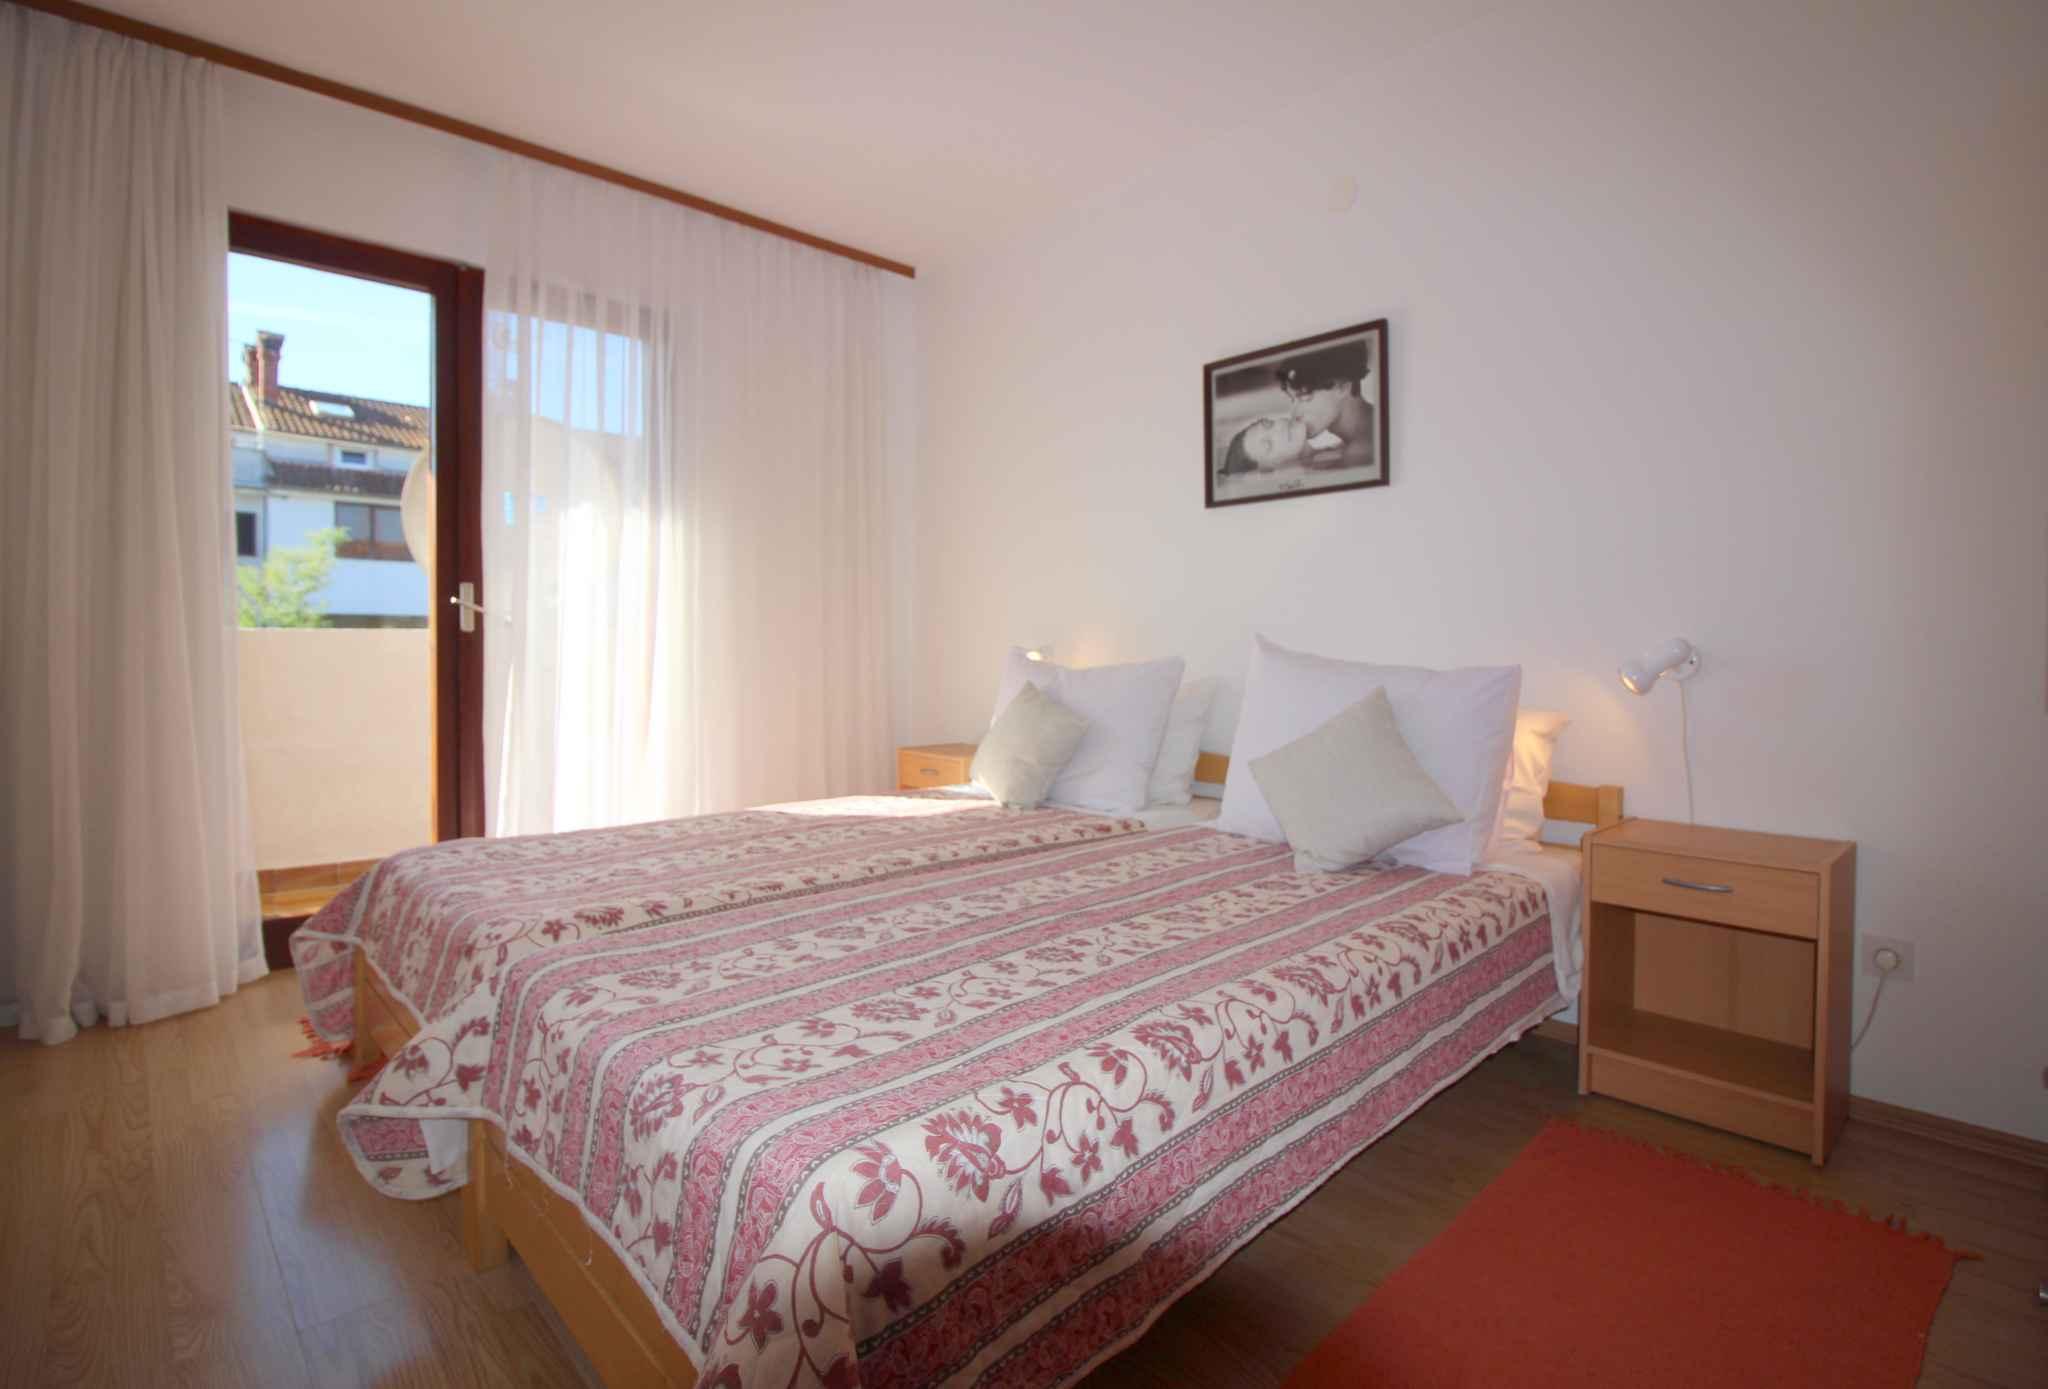 Ferienwohnung in der Nähe der Altstadt (280262), Porec, , Istrien, Kroatien, Bild 13